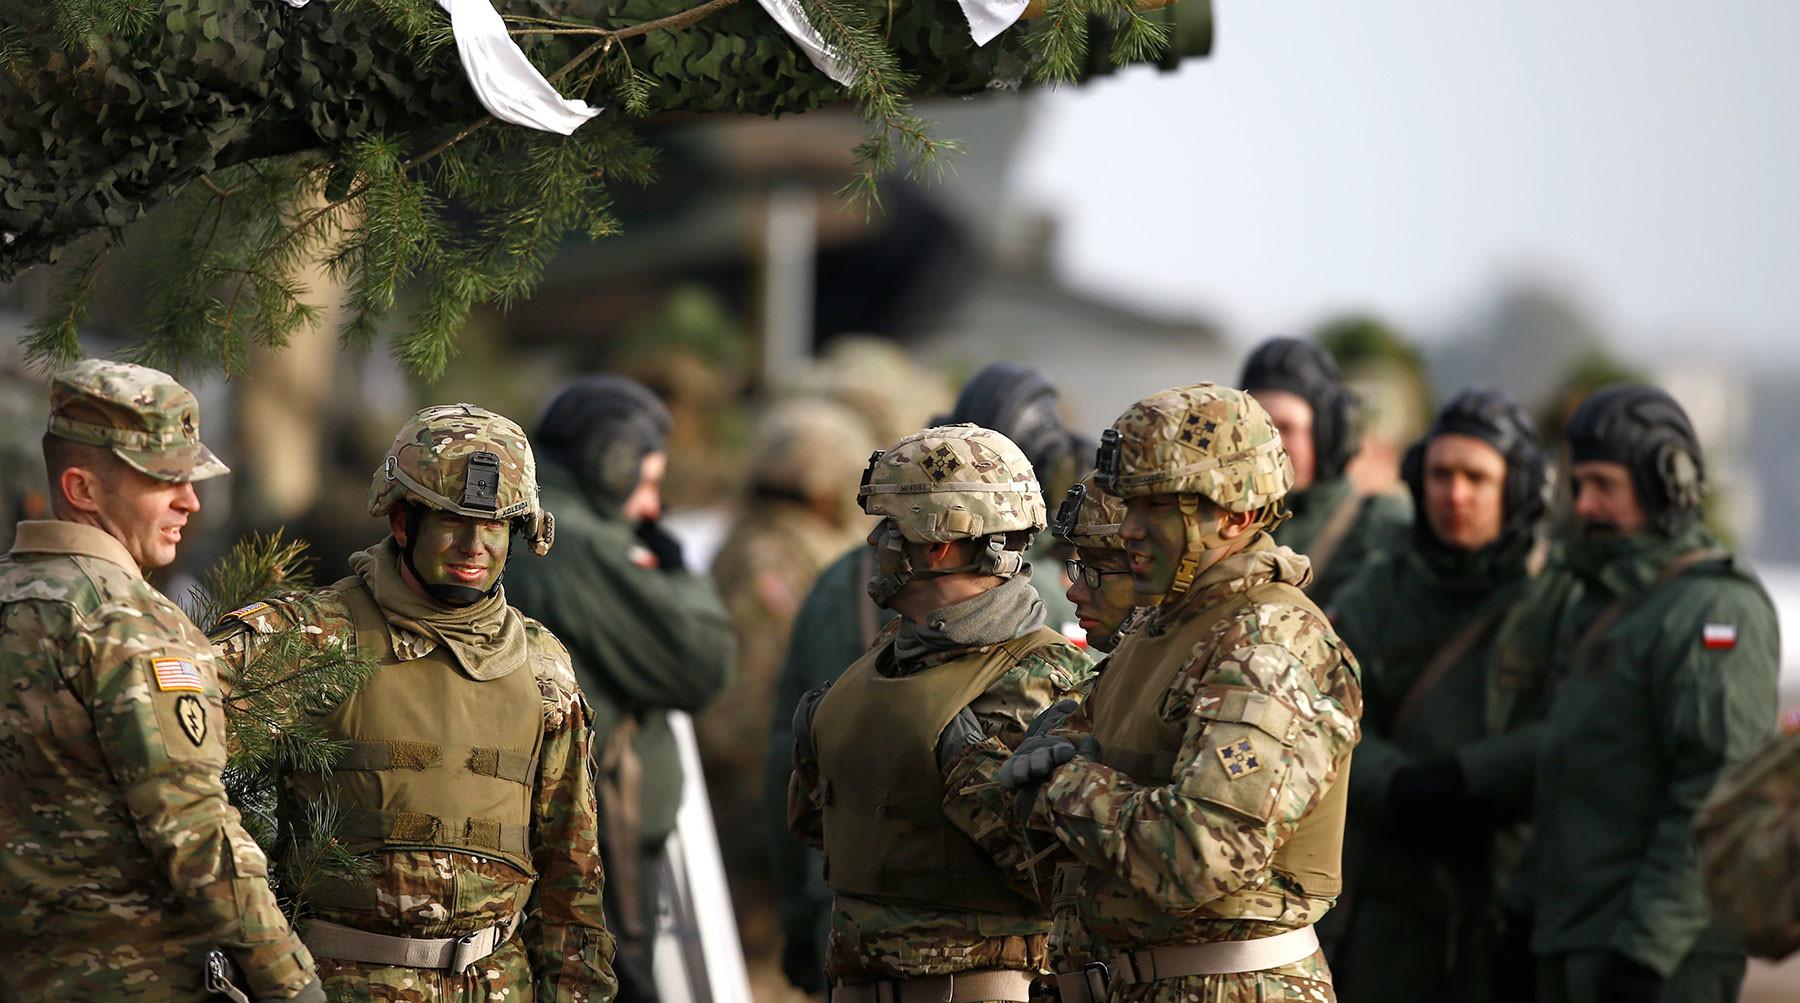 Сверхдержавные амбиции: как Польша стремится к гегемонии в Восточной Европе за счёт США и Украины